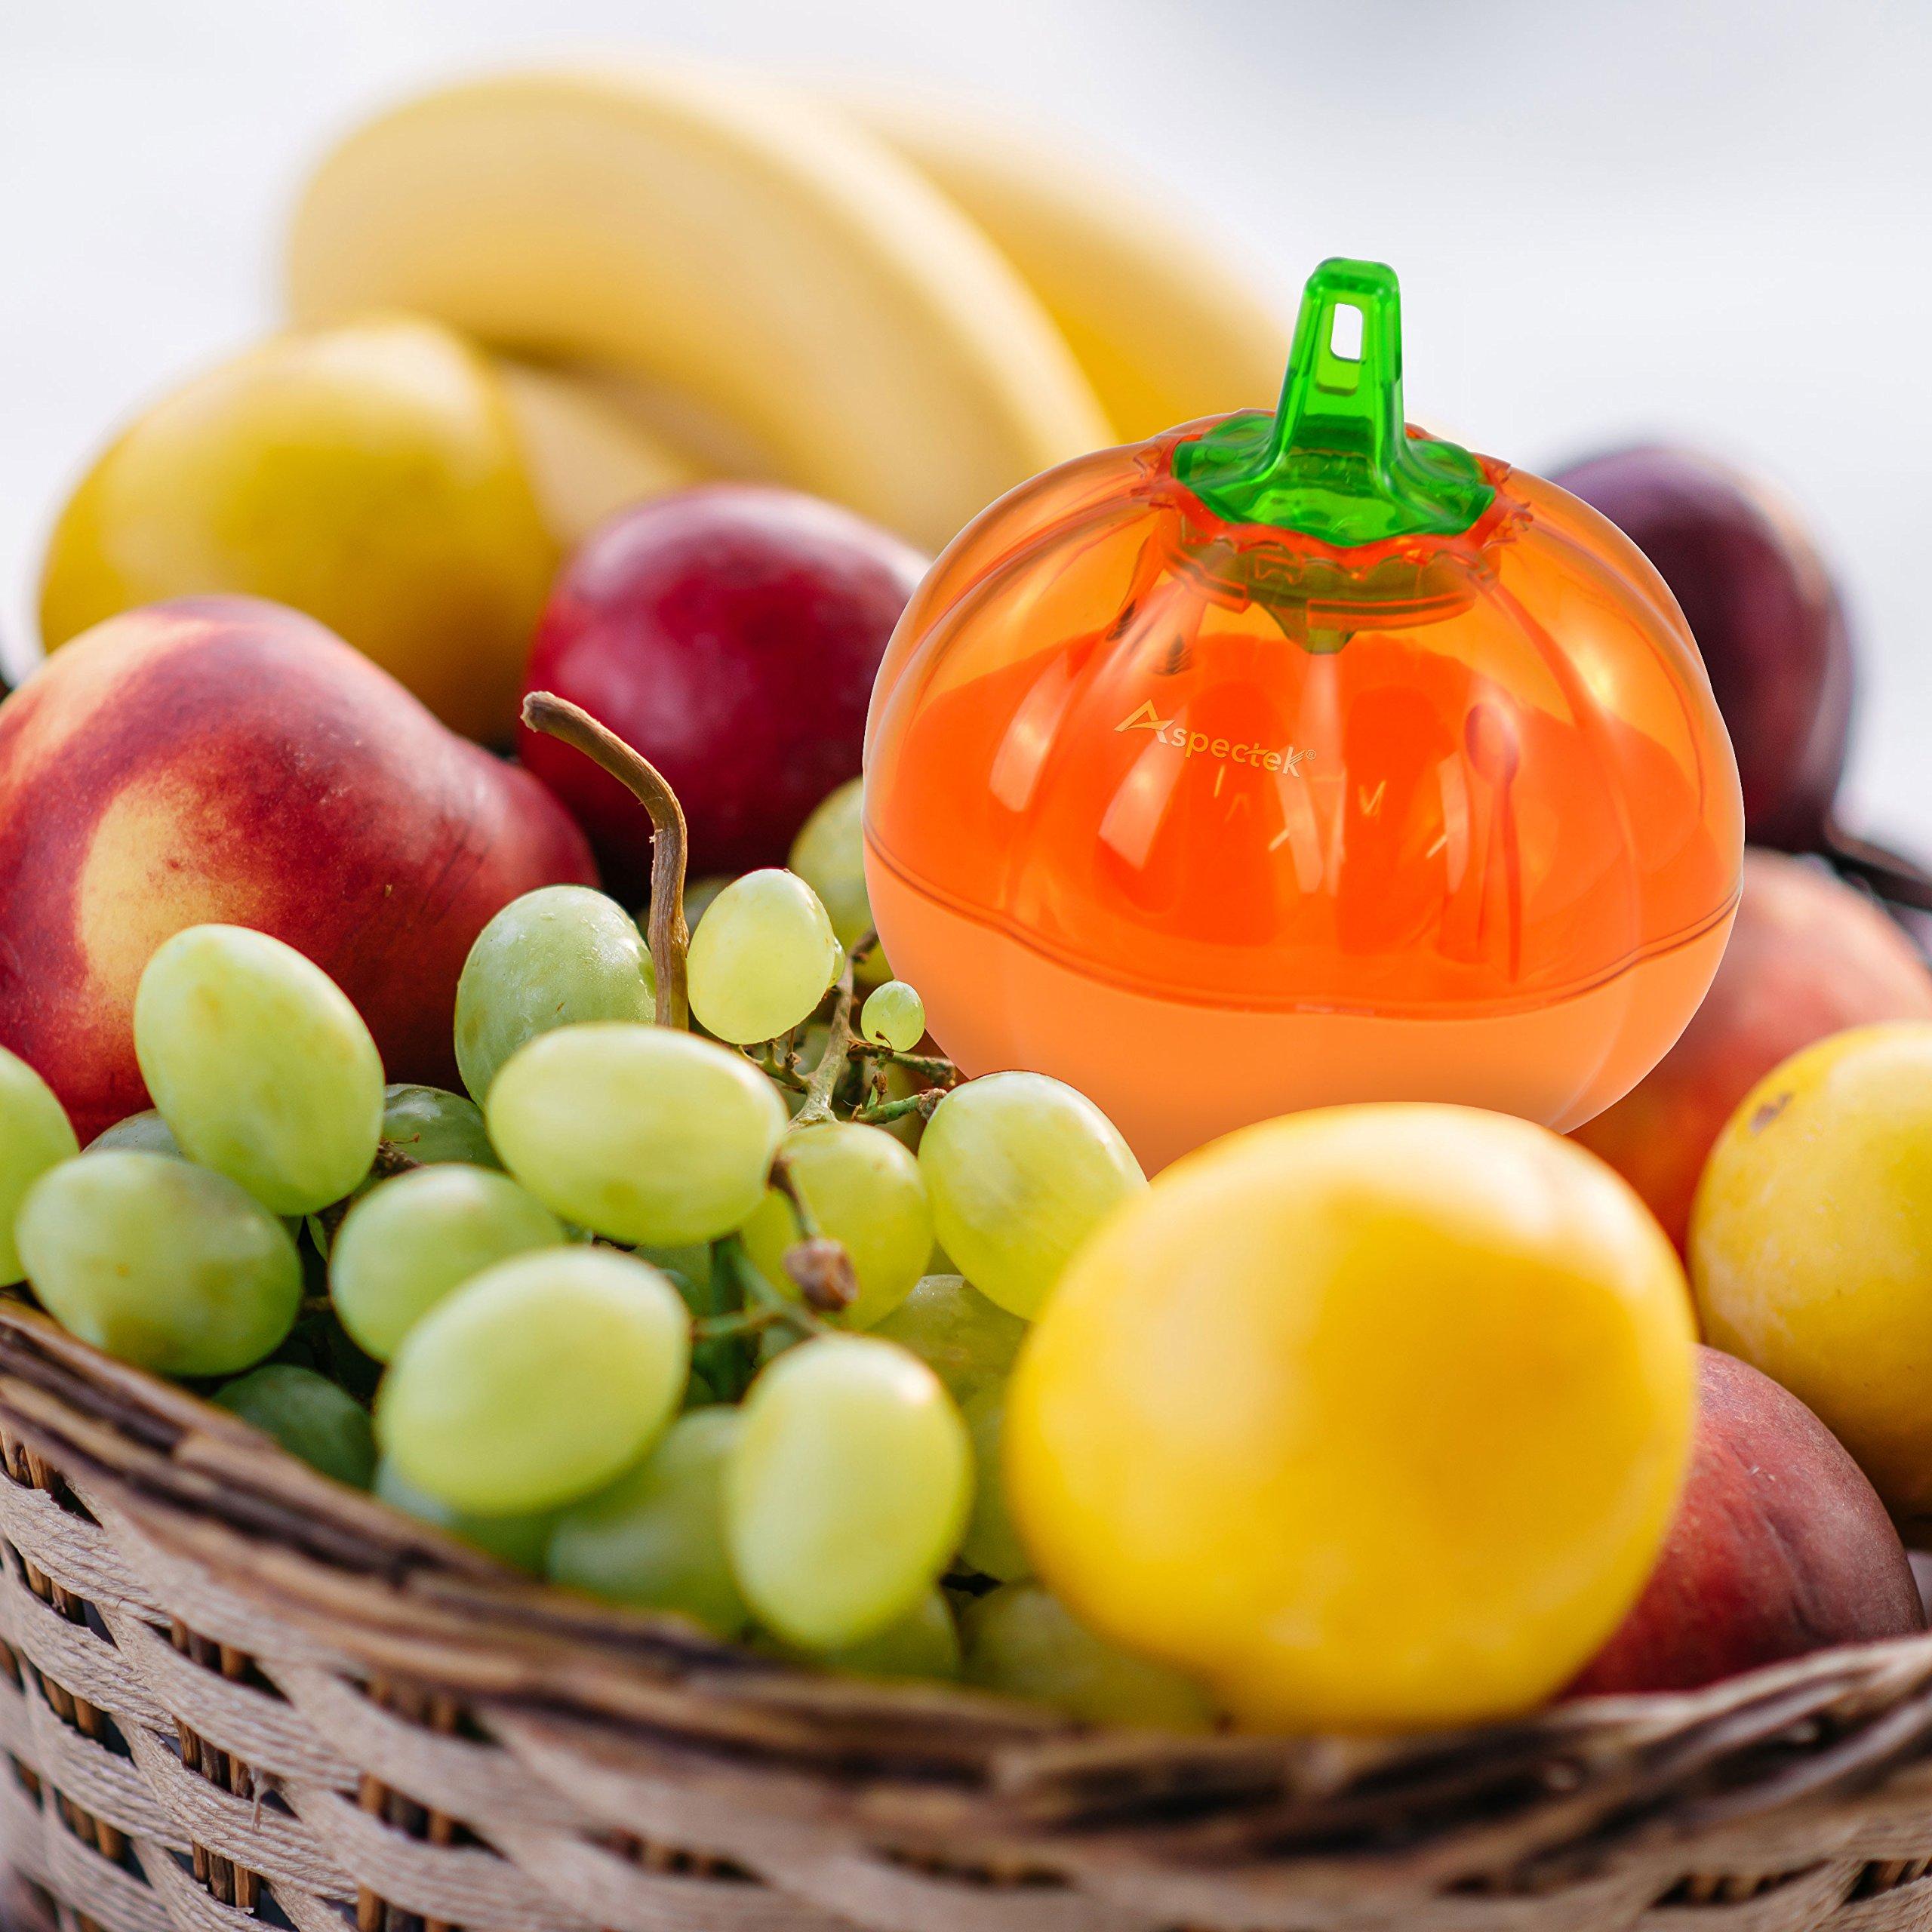 Aspectek Fruit Fly Trap, Pumpkin Shape, Pack of 2 by Aspectek (Image #6)